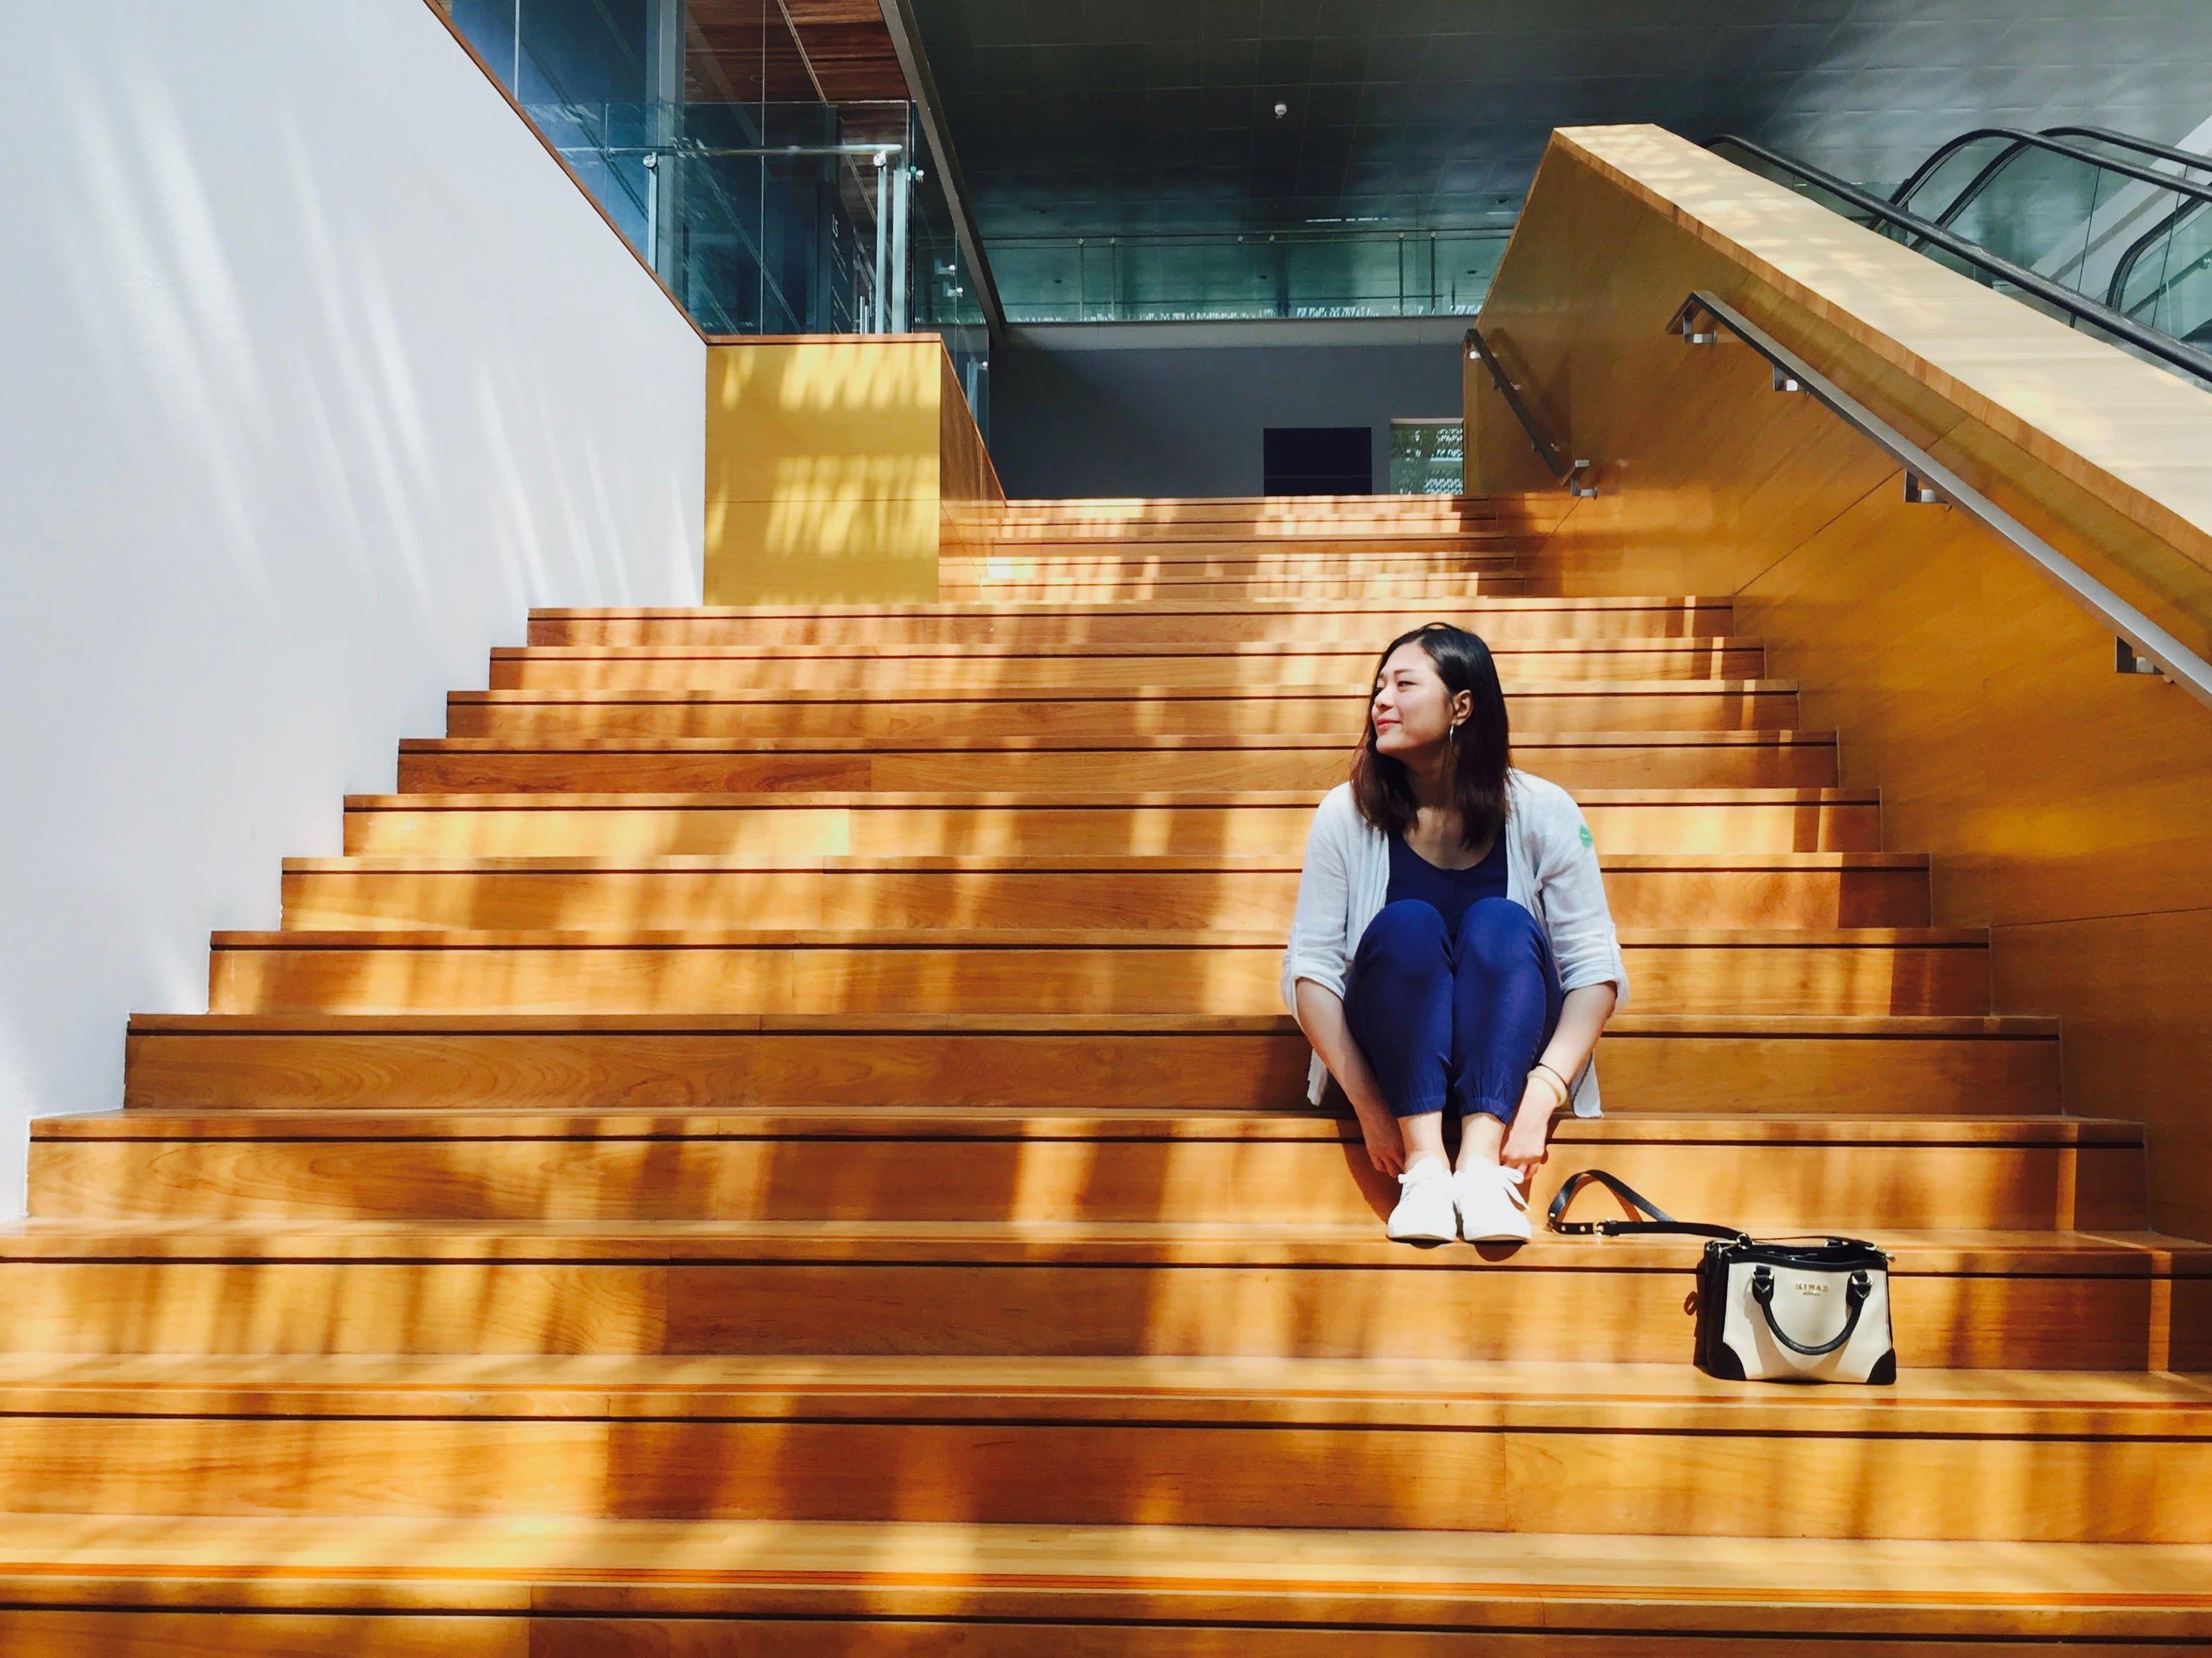 必拍景點九 : 通往頂樓的原木階梯。